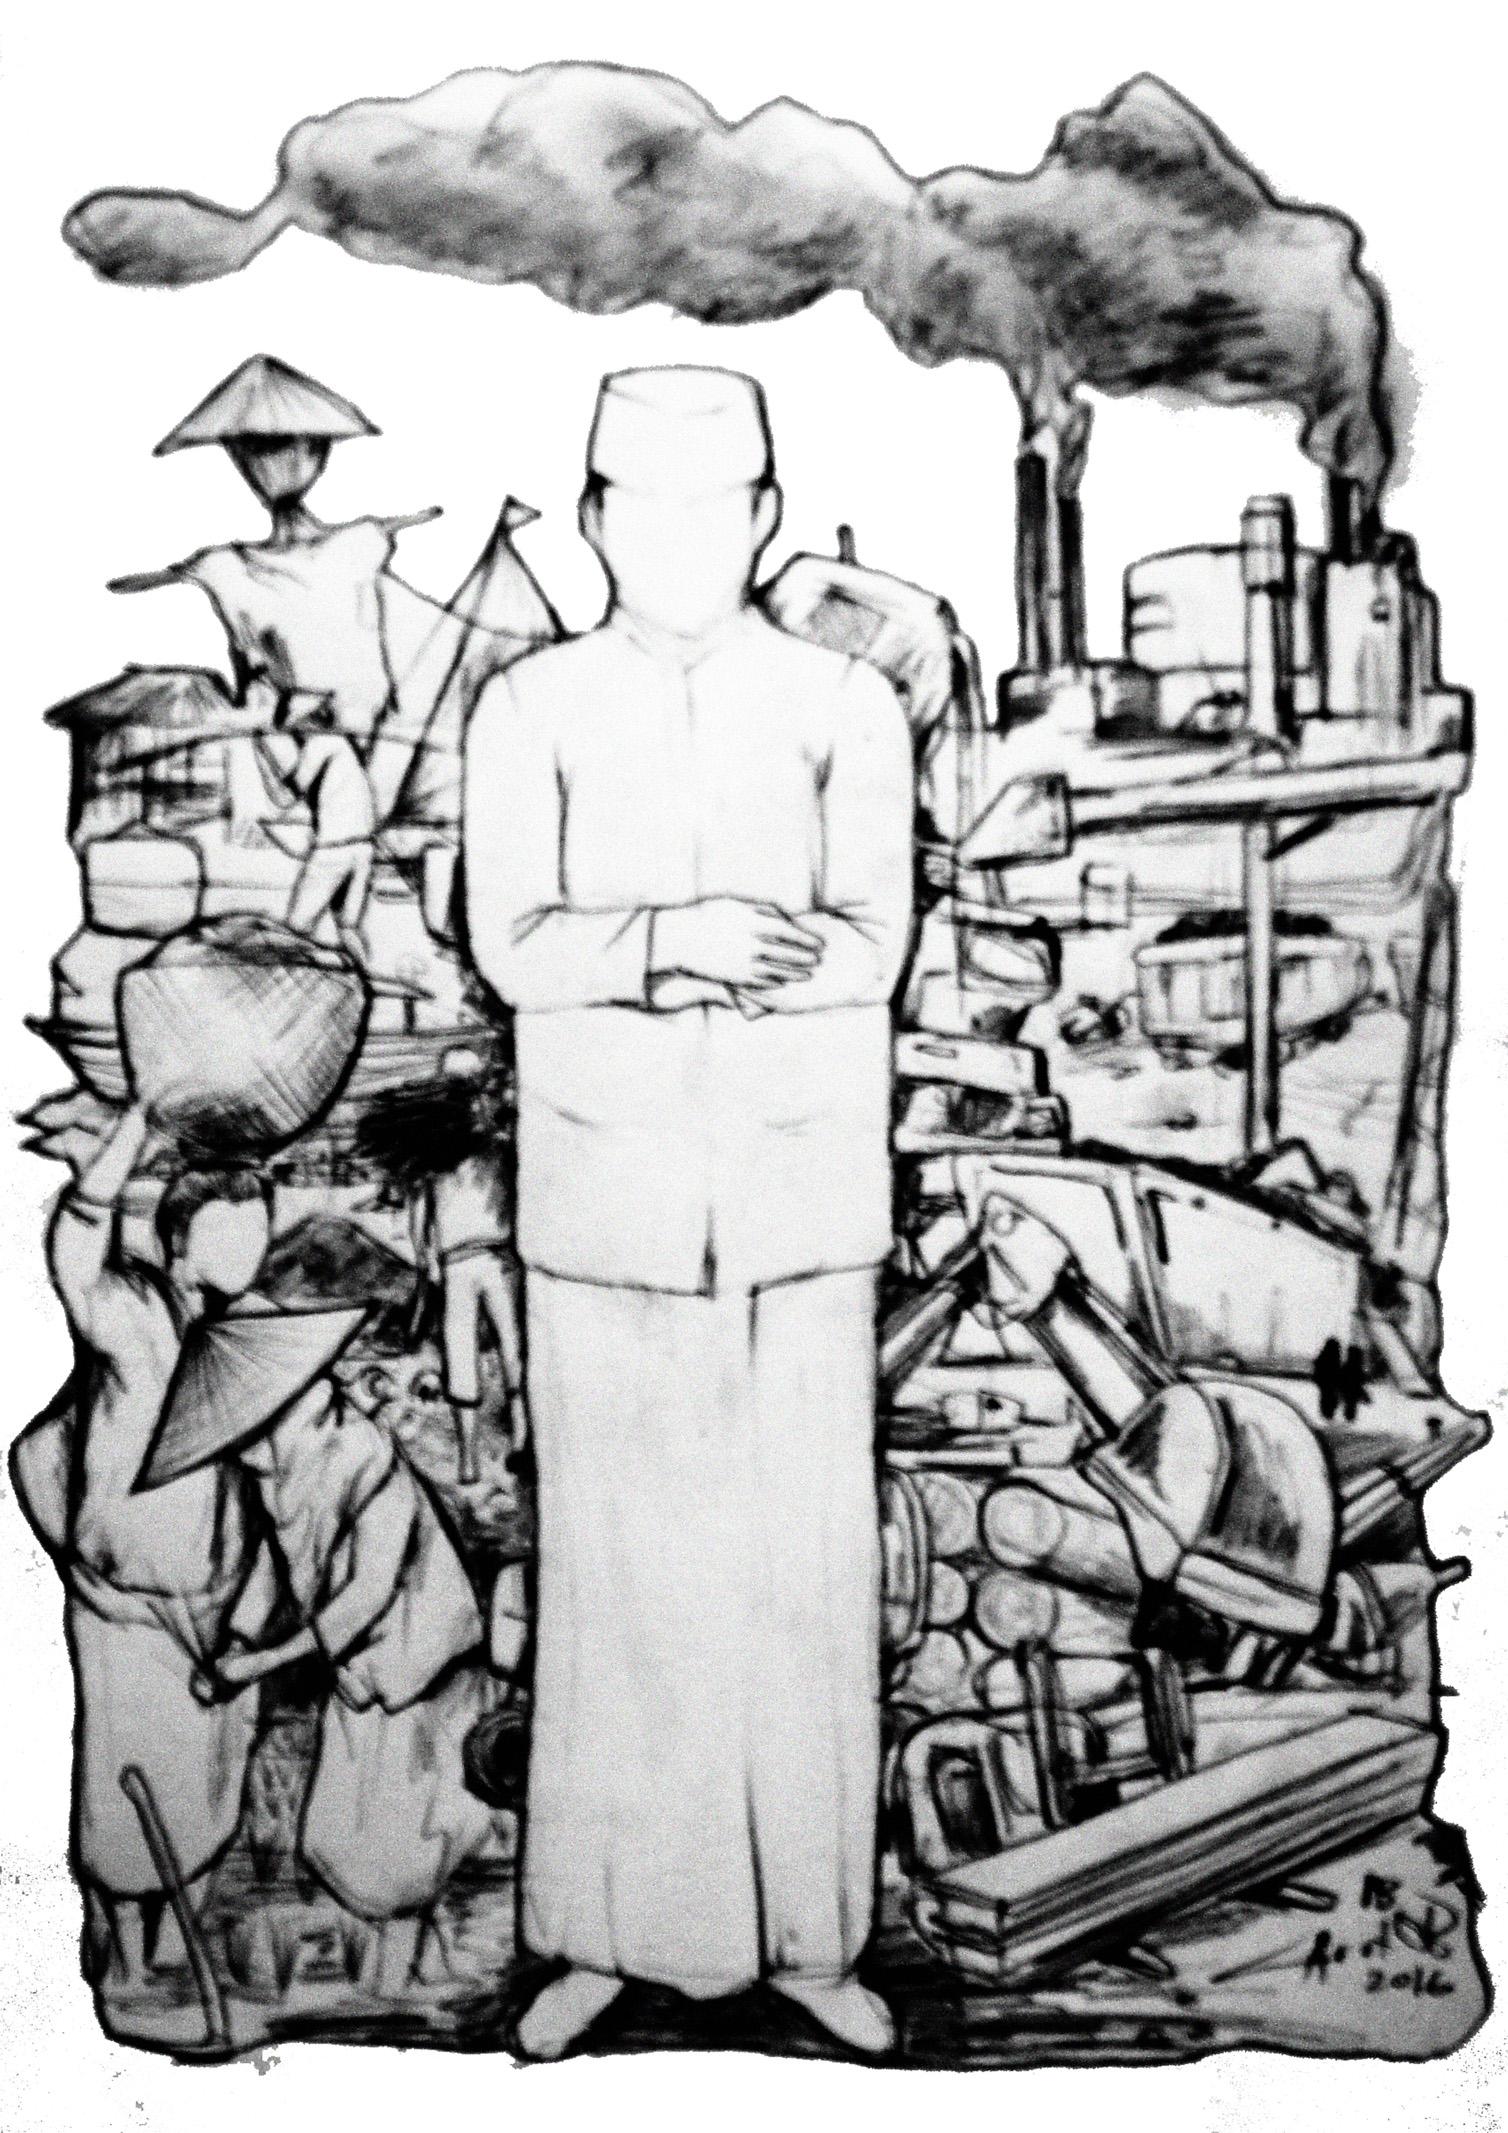 Ilustrasi oleh Arut S. Batan